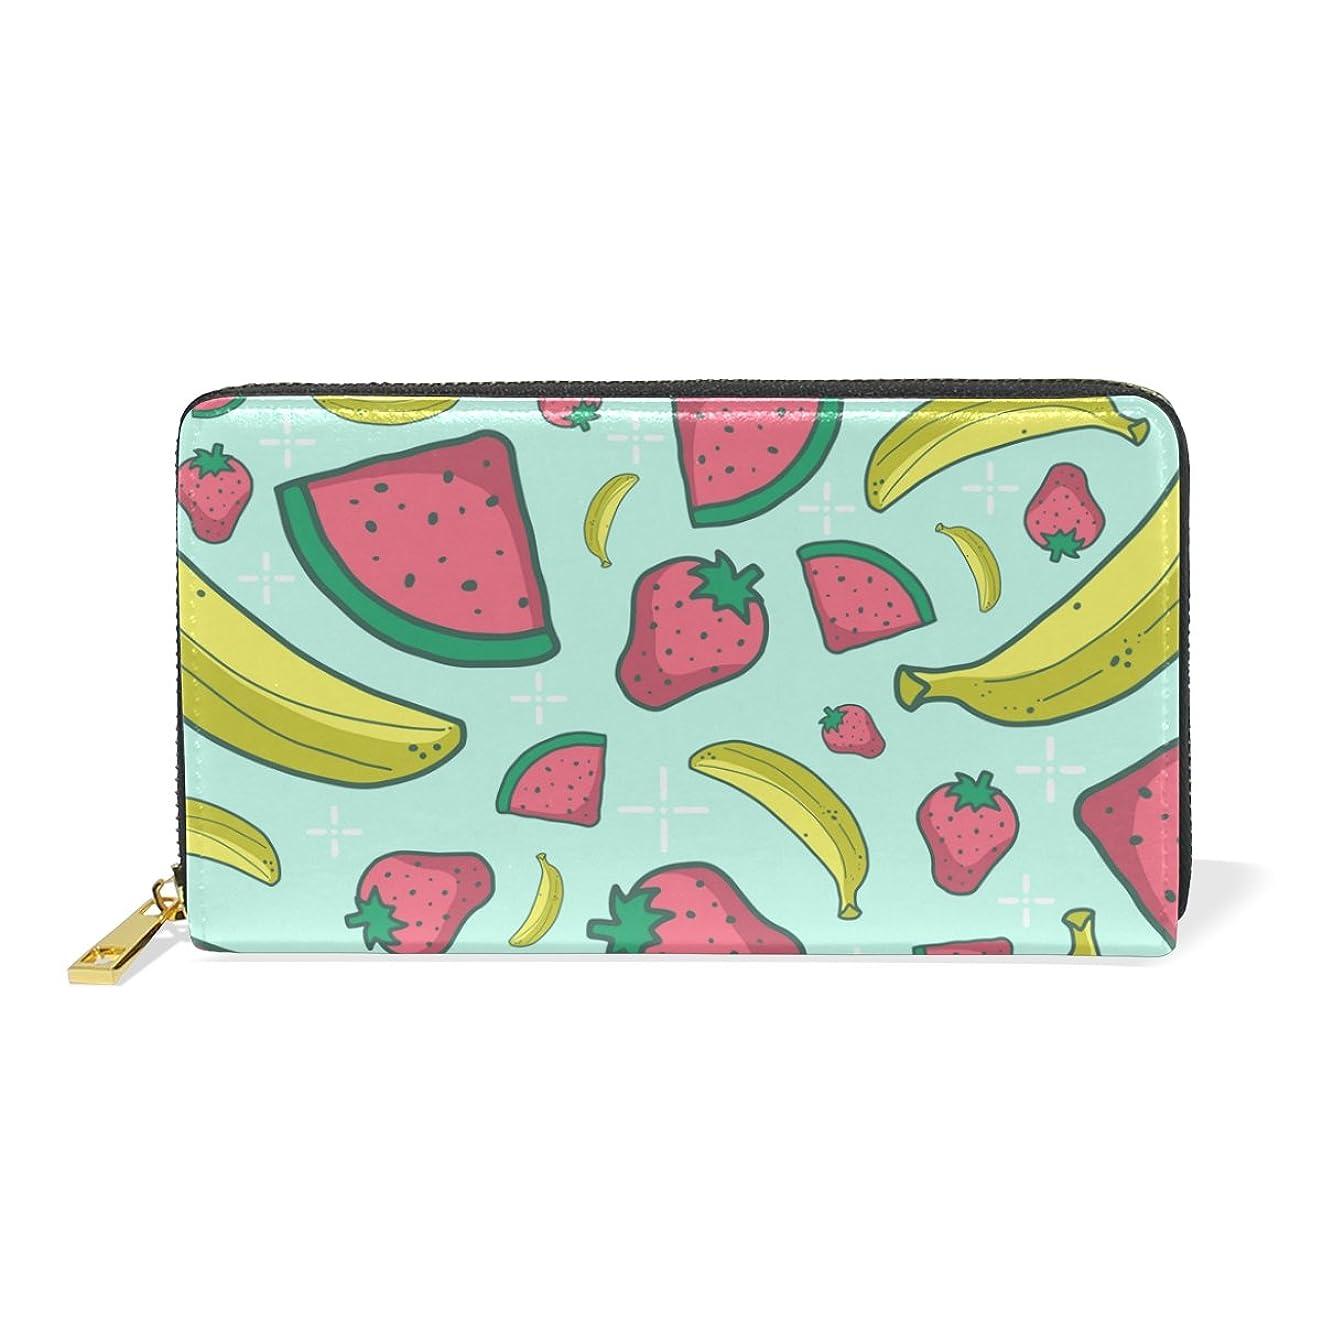 宿る有名起きるAyuStyle 財布 長財布 レディース メンズ 人気 可愛い 果物 スイカ 二つ折り財布 PUレザー 大容量 高品質 ラウンドファスナー ウォレット